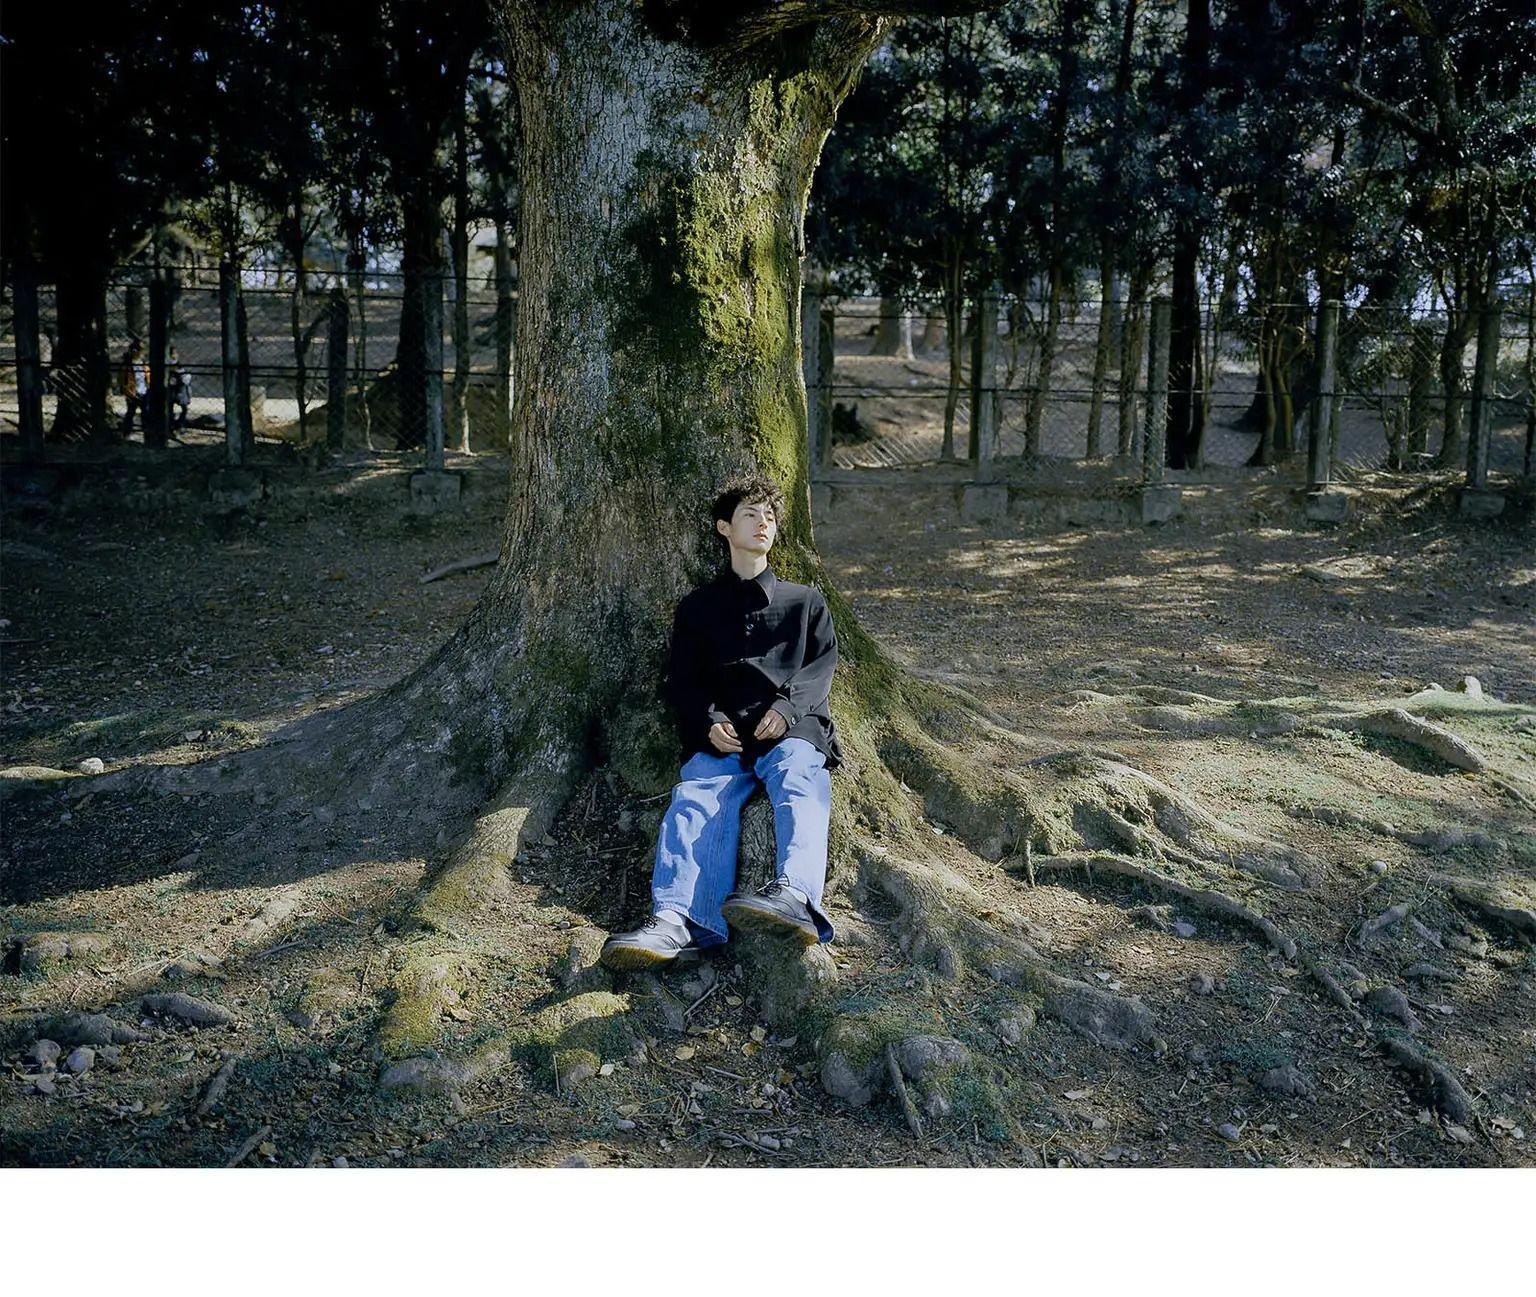 摄影教程-95后摄影师陈宇学长摄影课堂第9期静物人像前后期教程(3)